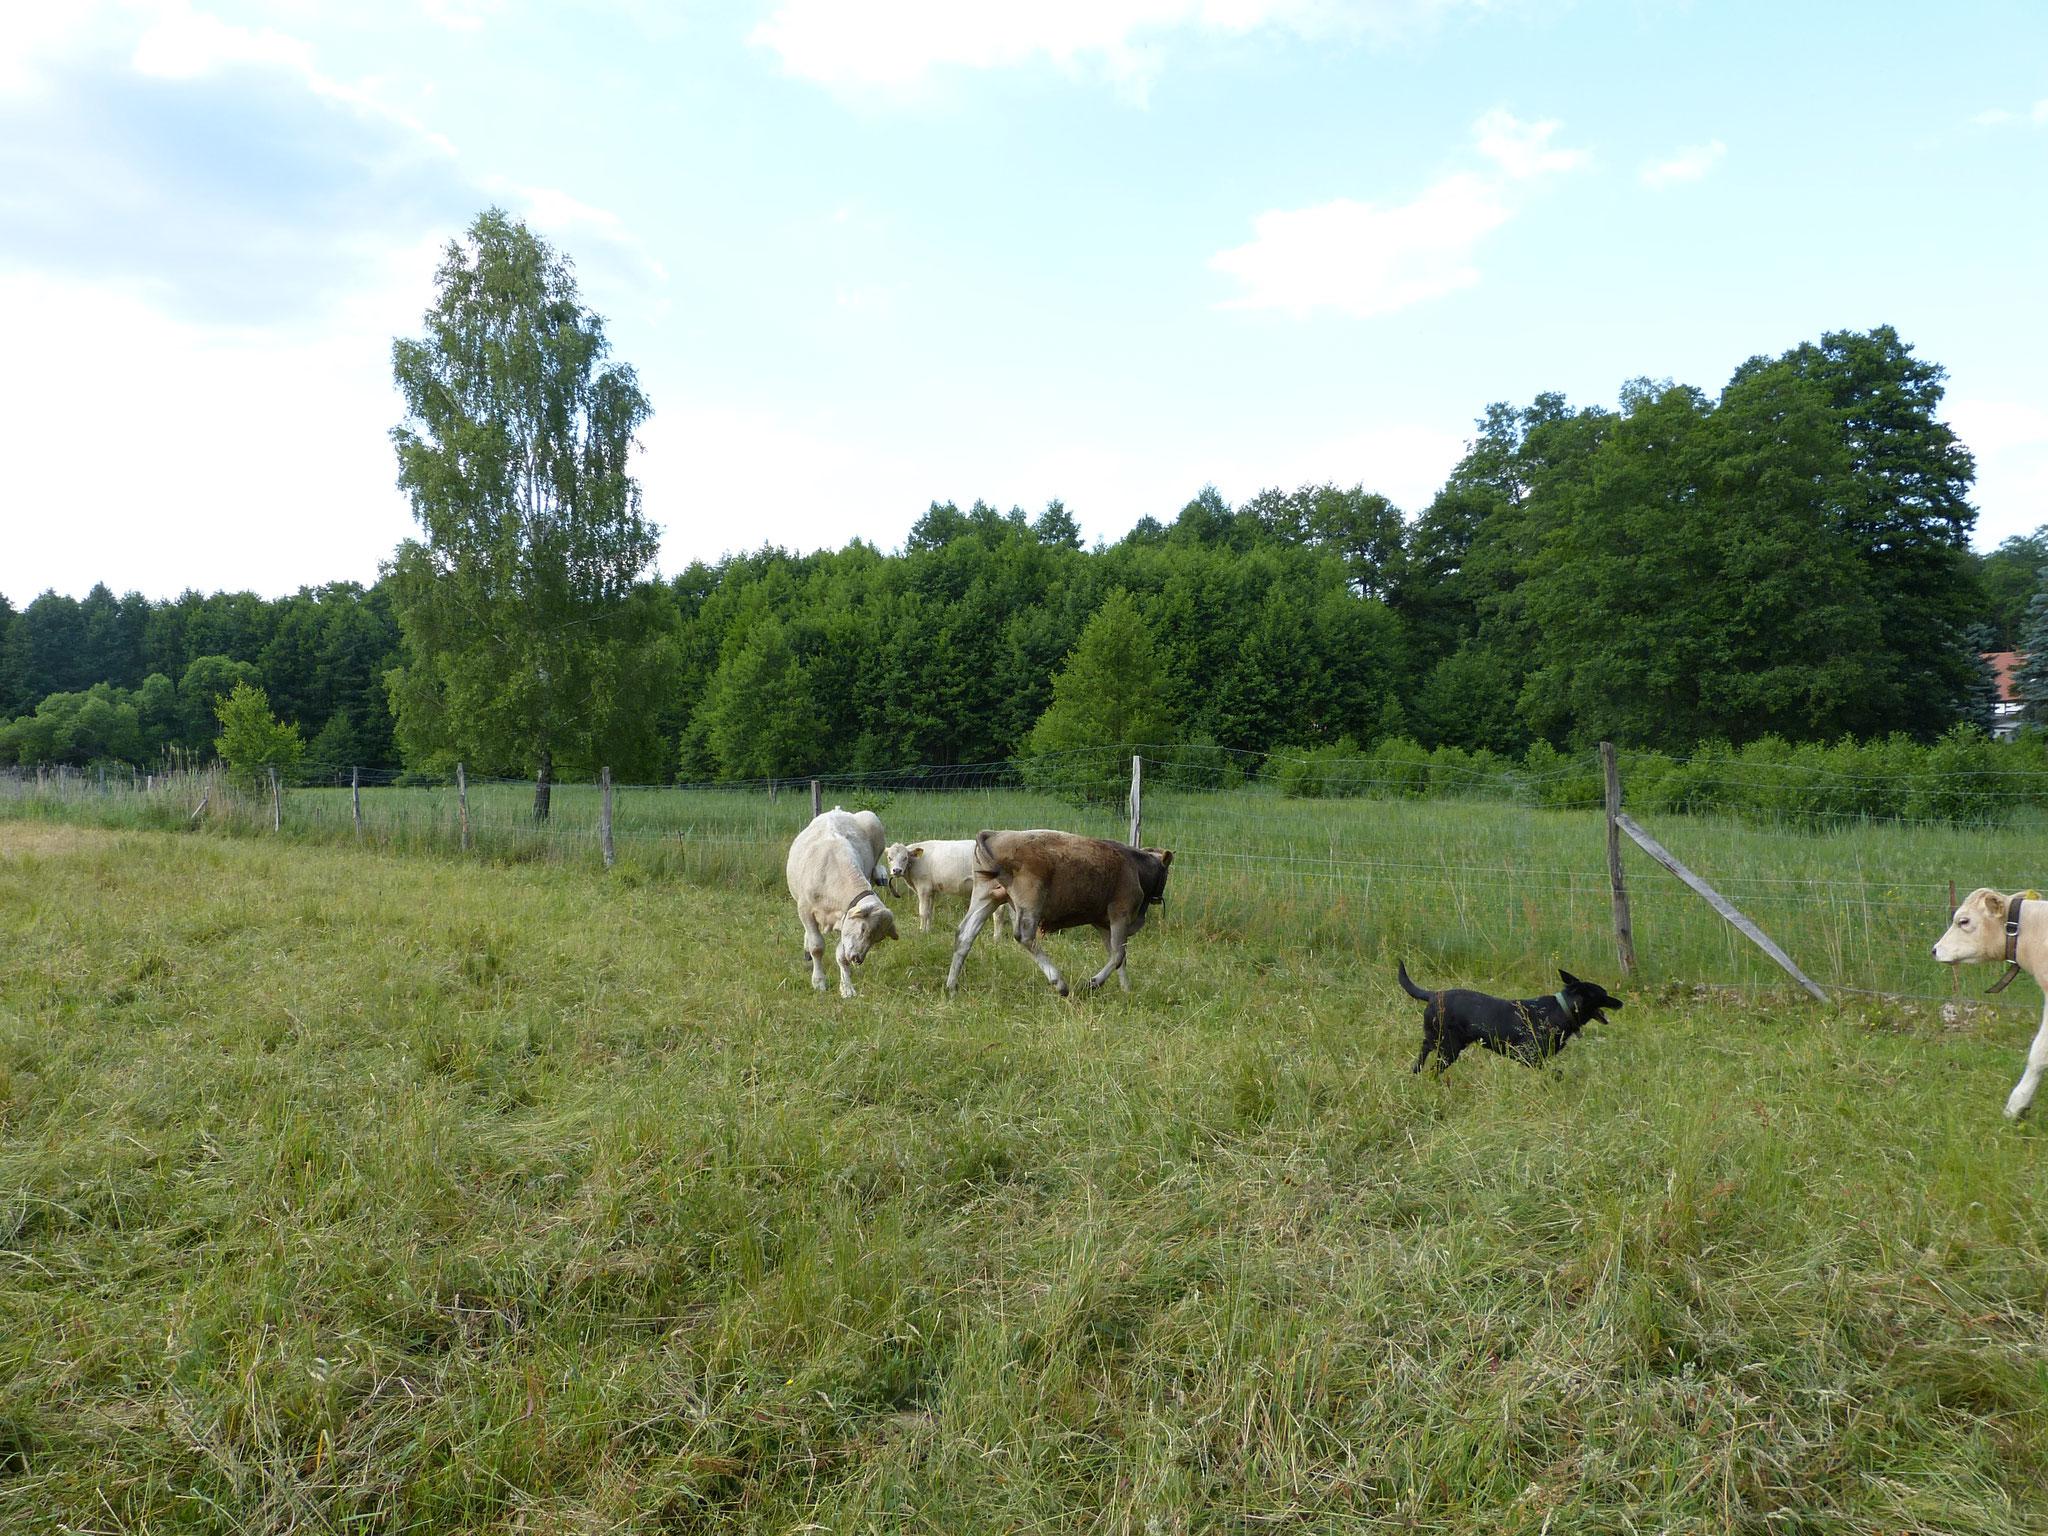 Ausgelassen springen sie auf der Weide herum.